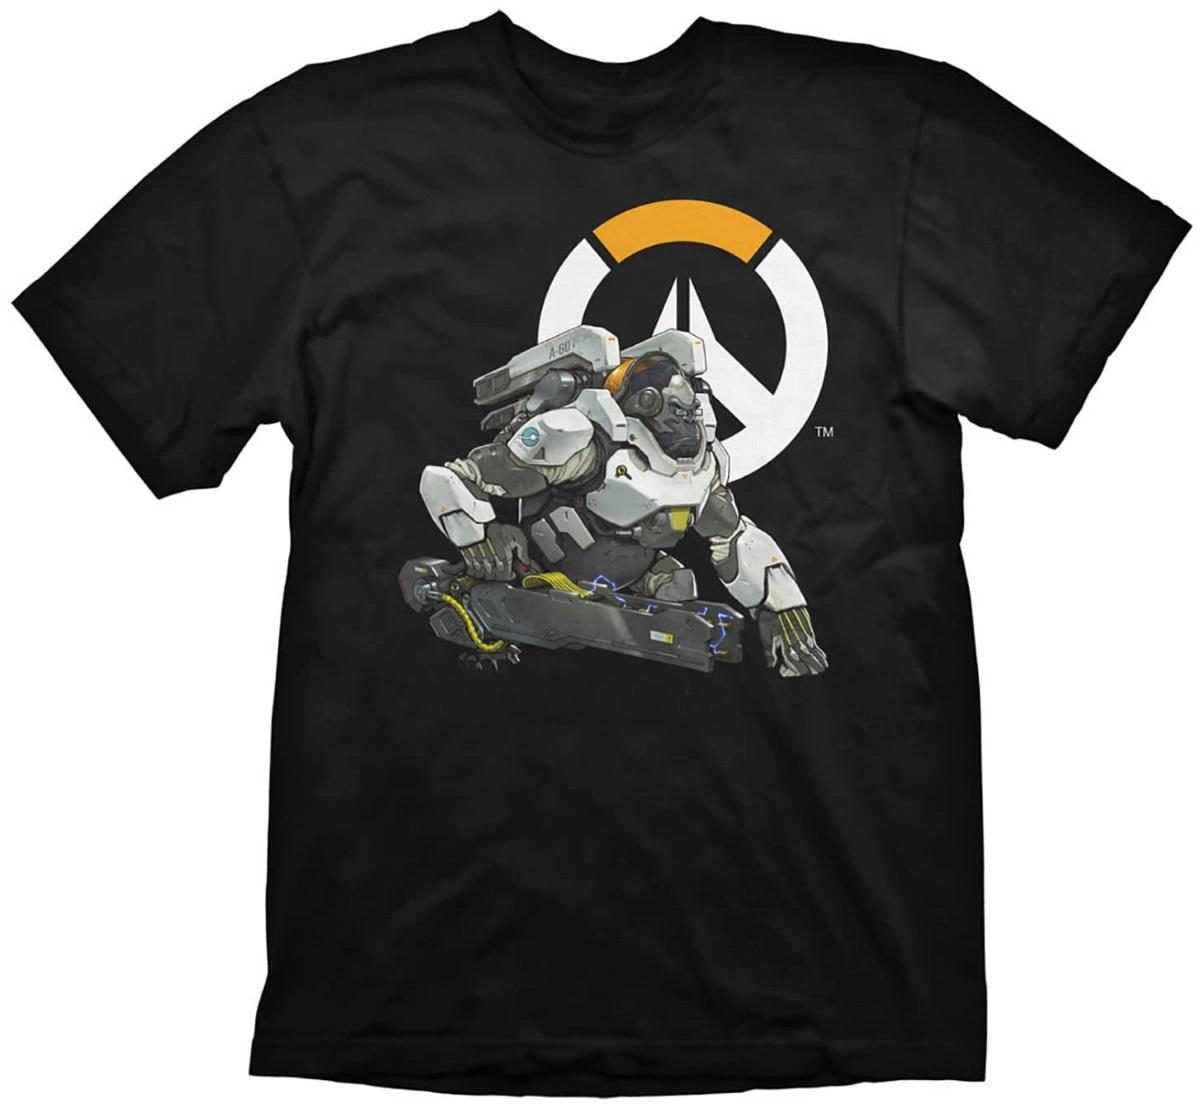 Футболка Overwatch: Winston Logo (черная)На футболке Overwatch: Winston Logo черного цвета размера XL изображен Уинстон на фоне логотипа игры.<br>